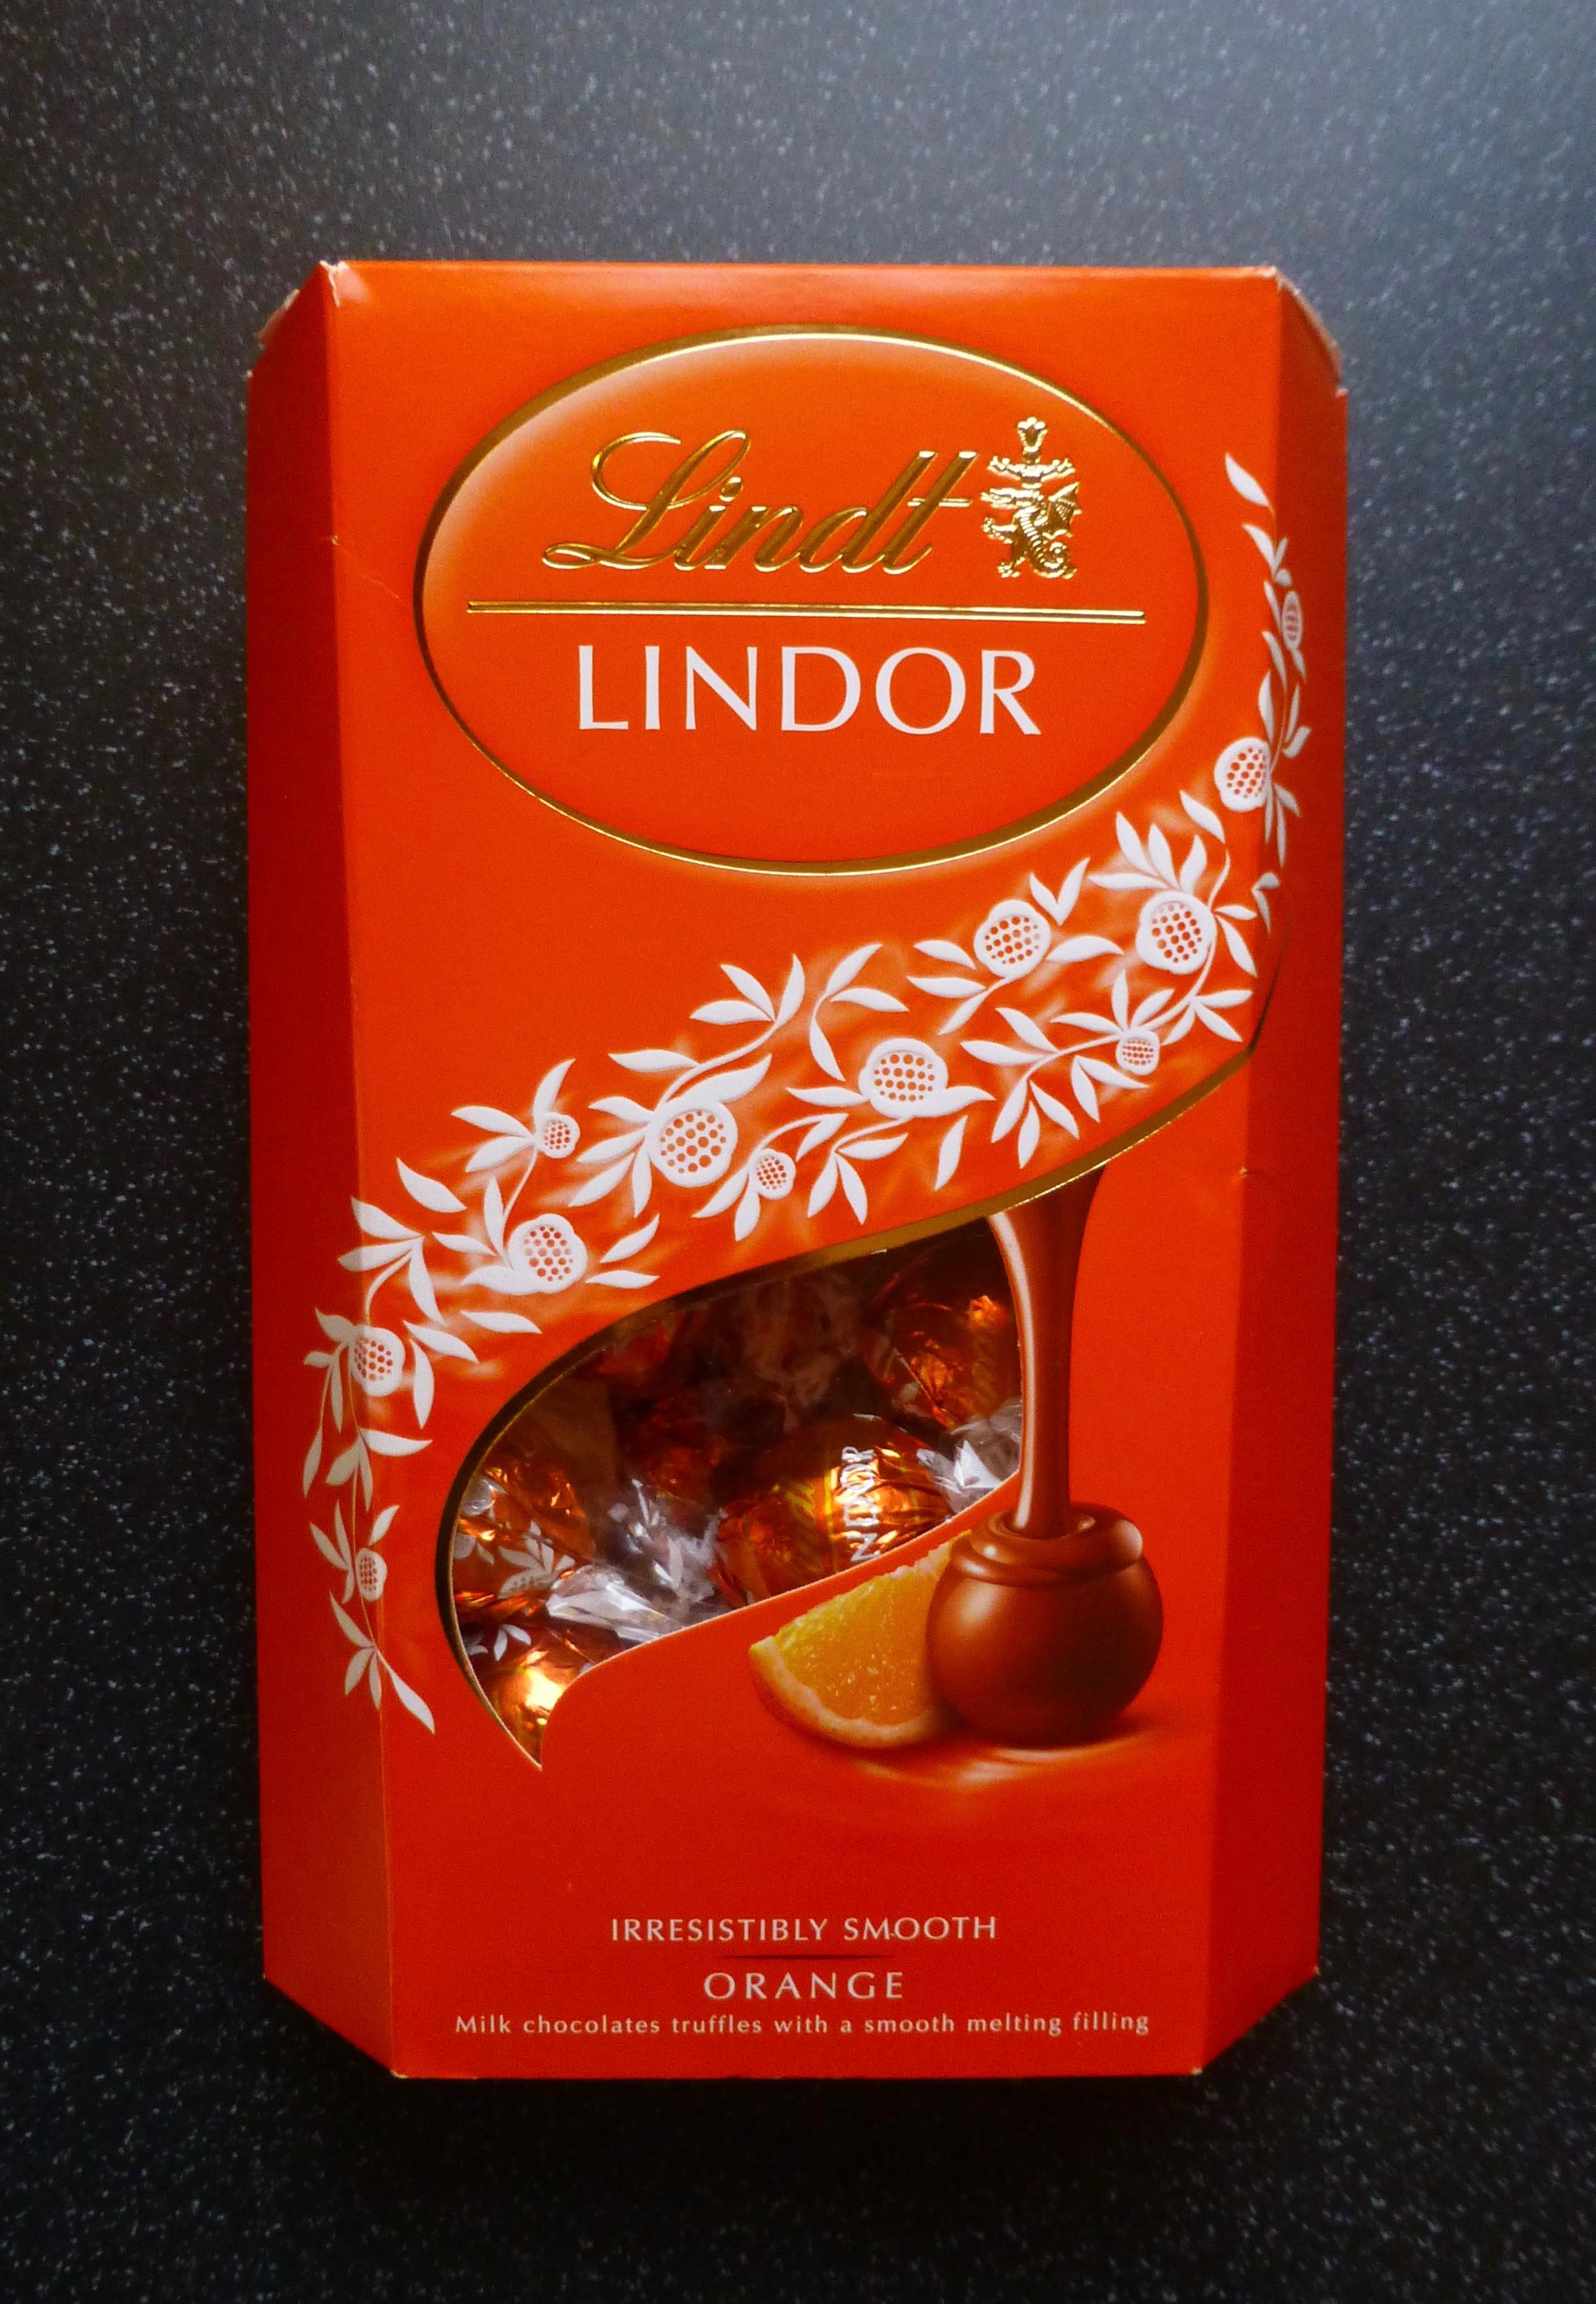 Lindt Lindor Orange